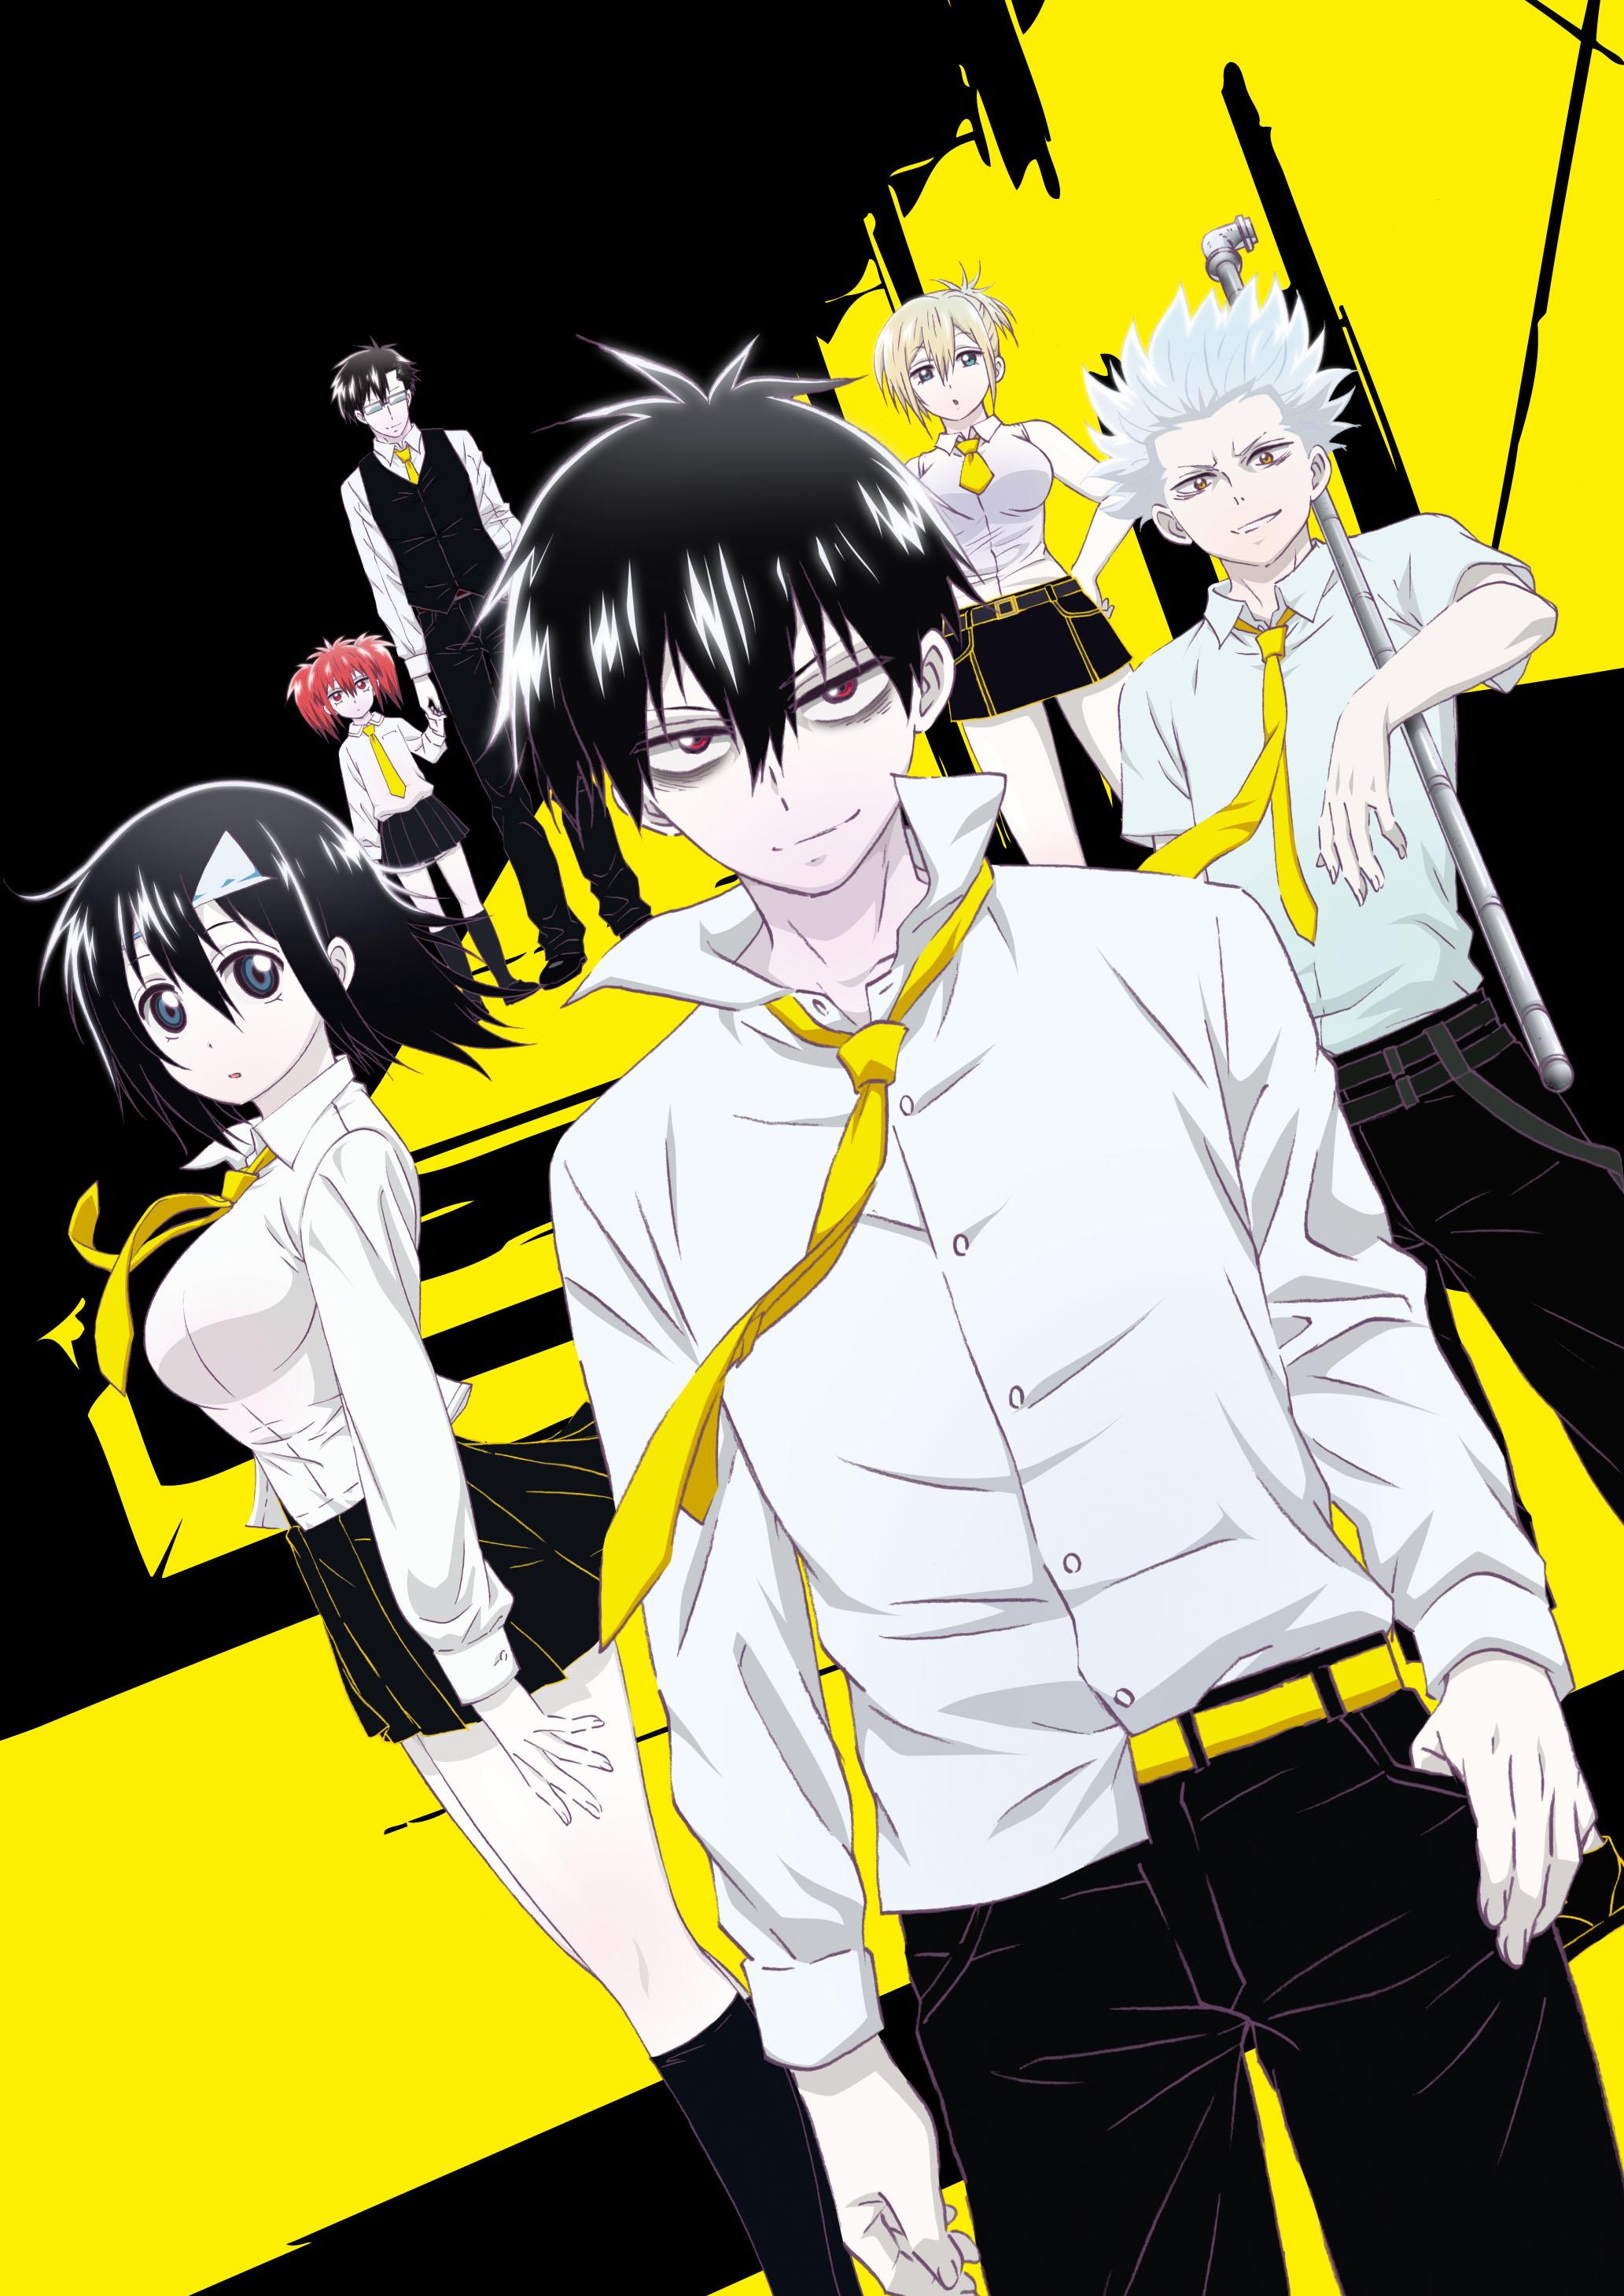 Blood lad anime visual 1